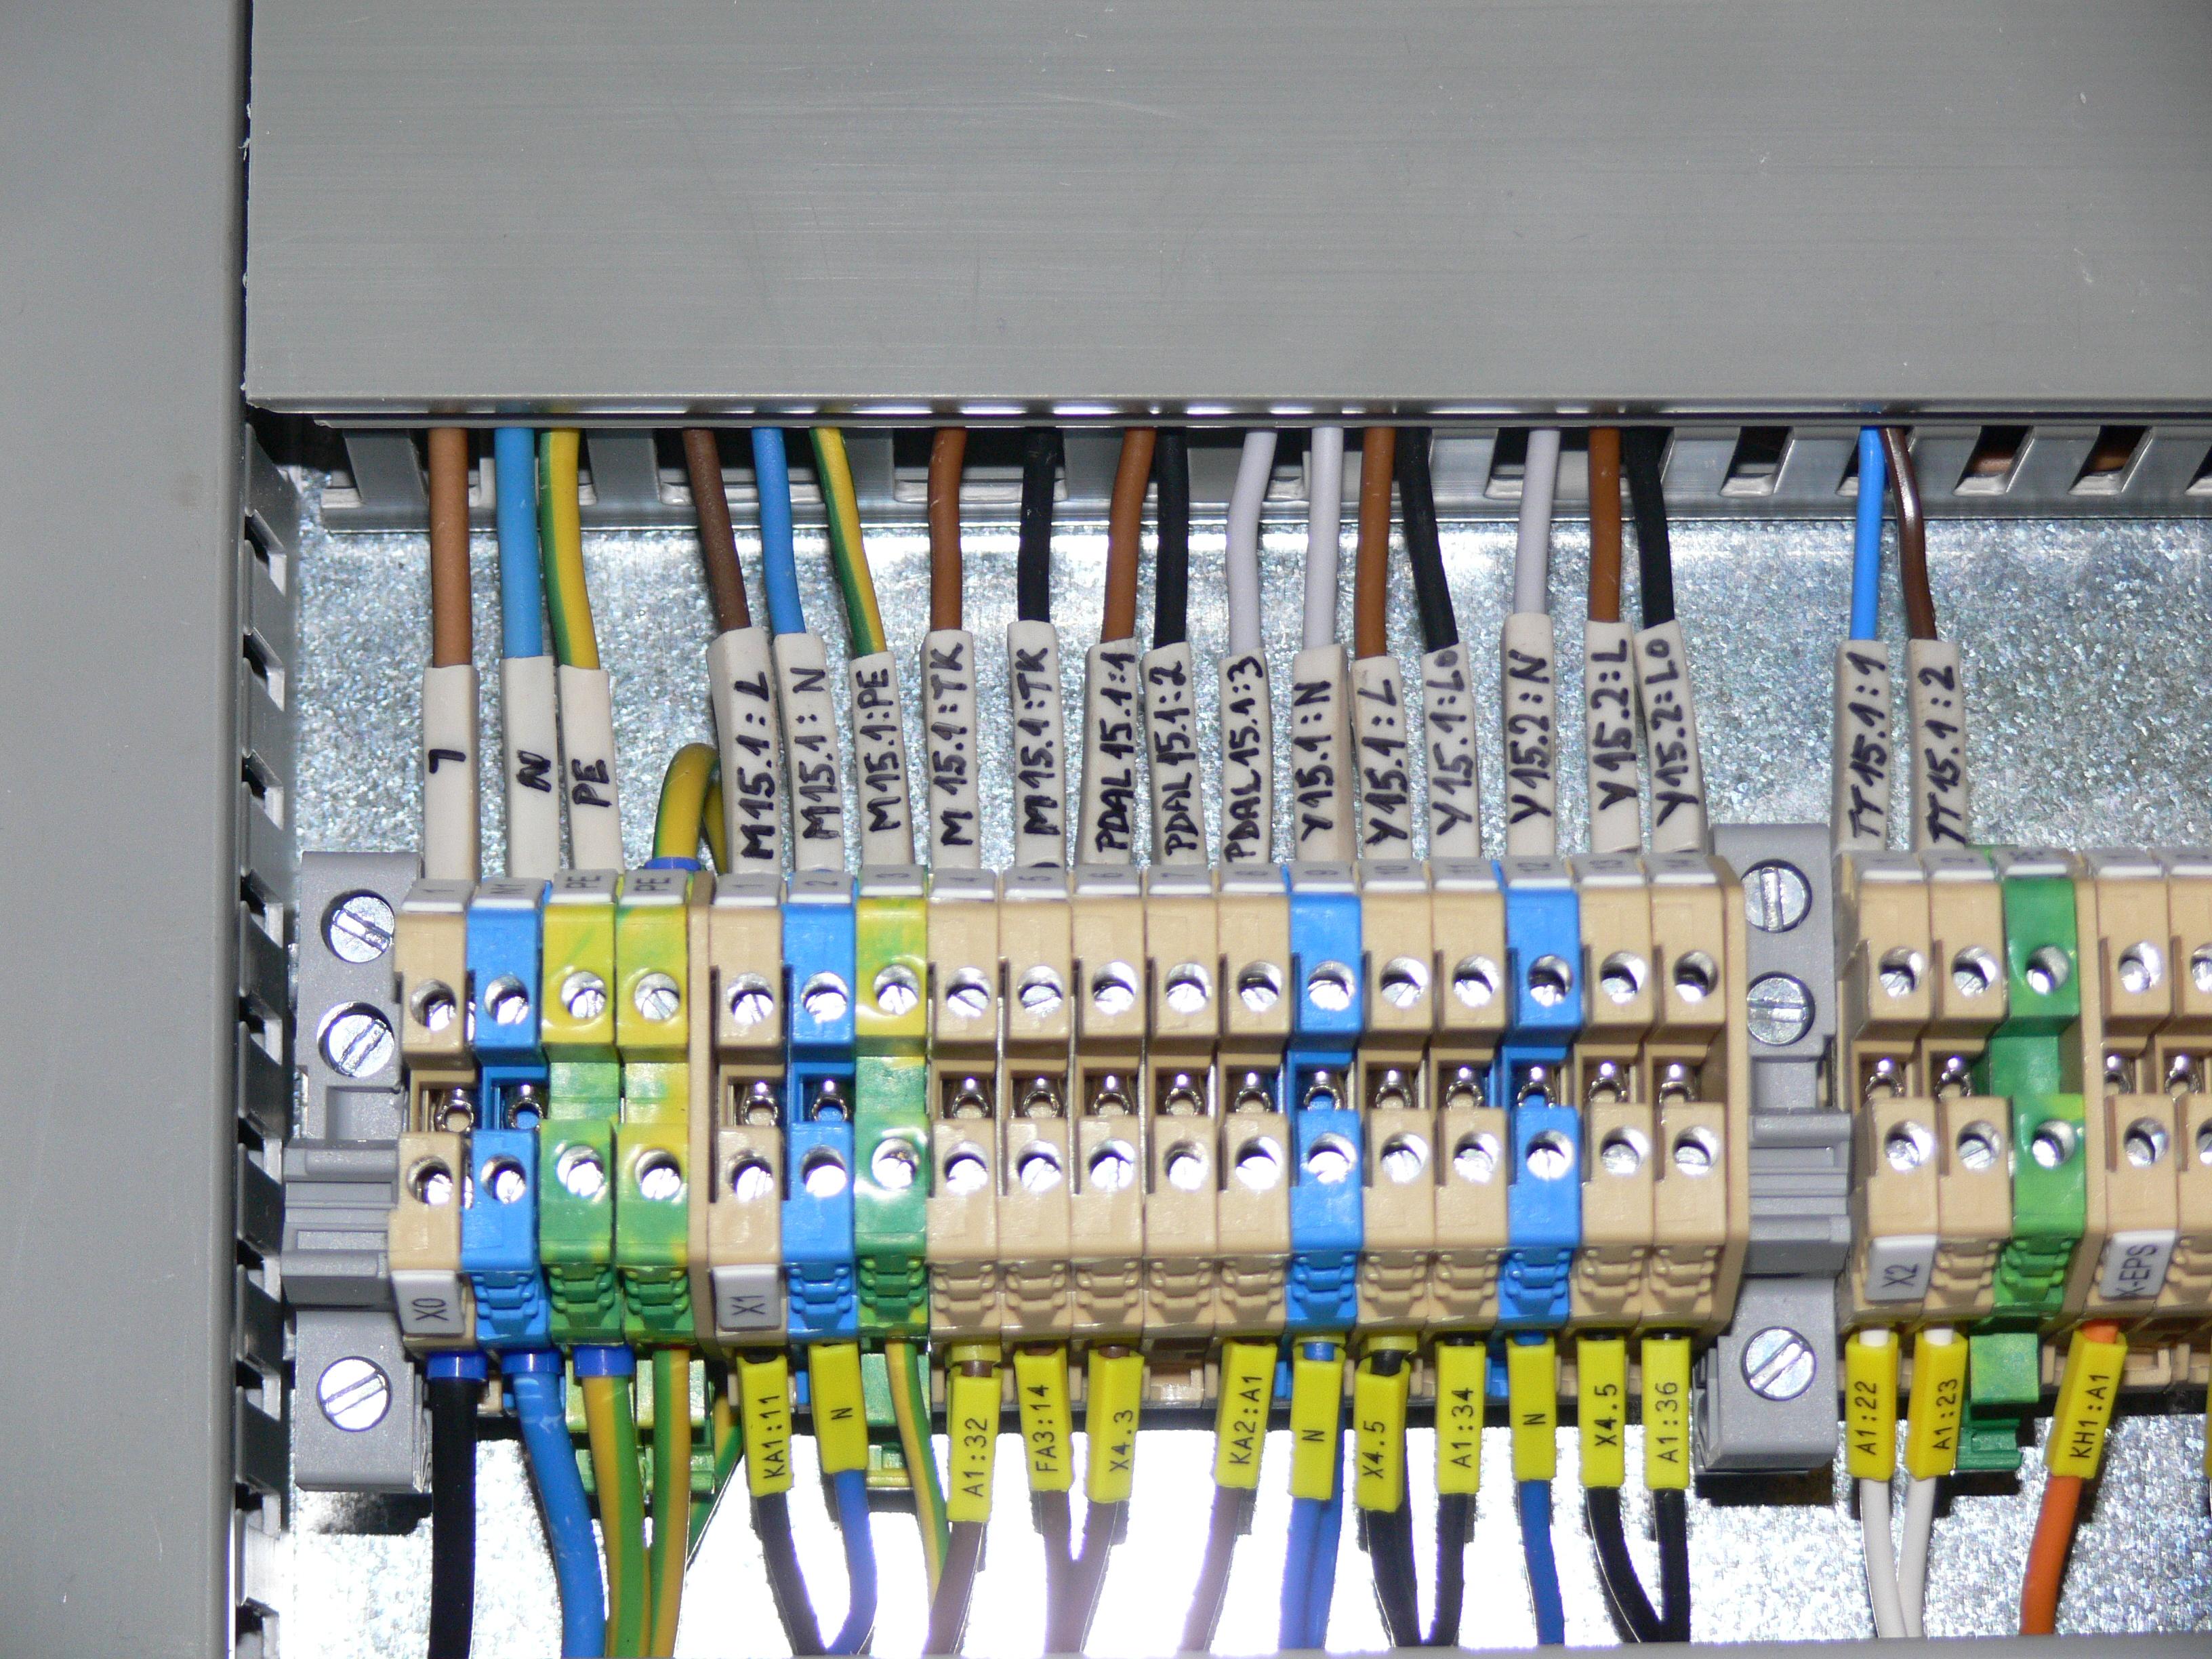 Naistalování ovládacího rozvaděče ventilátorů